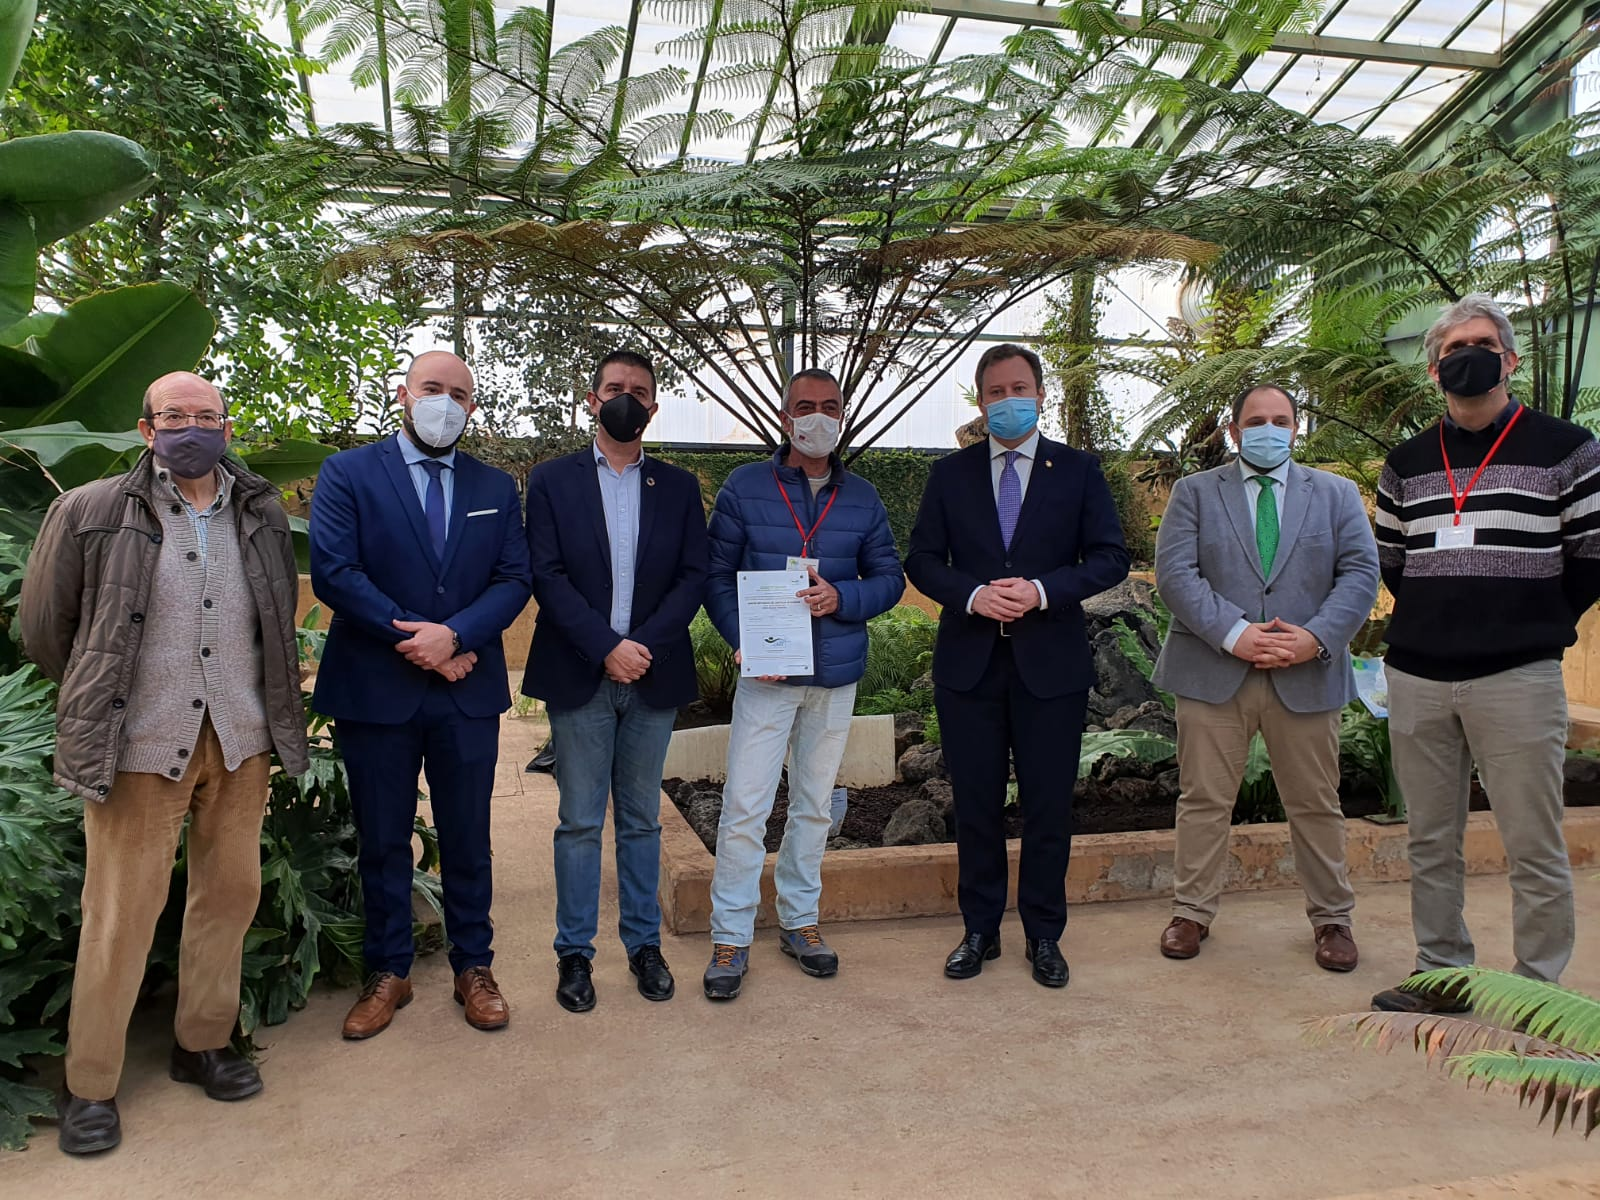 Cabañero anima a la ciudadanía a visitar el Jardín Botánico de Castilla-La Mancha en Albacete, el único de la Península Ibérica reconocido con el certificado de 'Excelencia Ecológica'